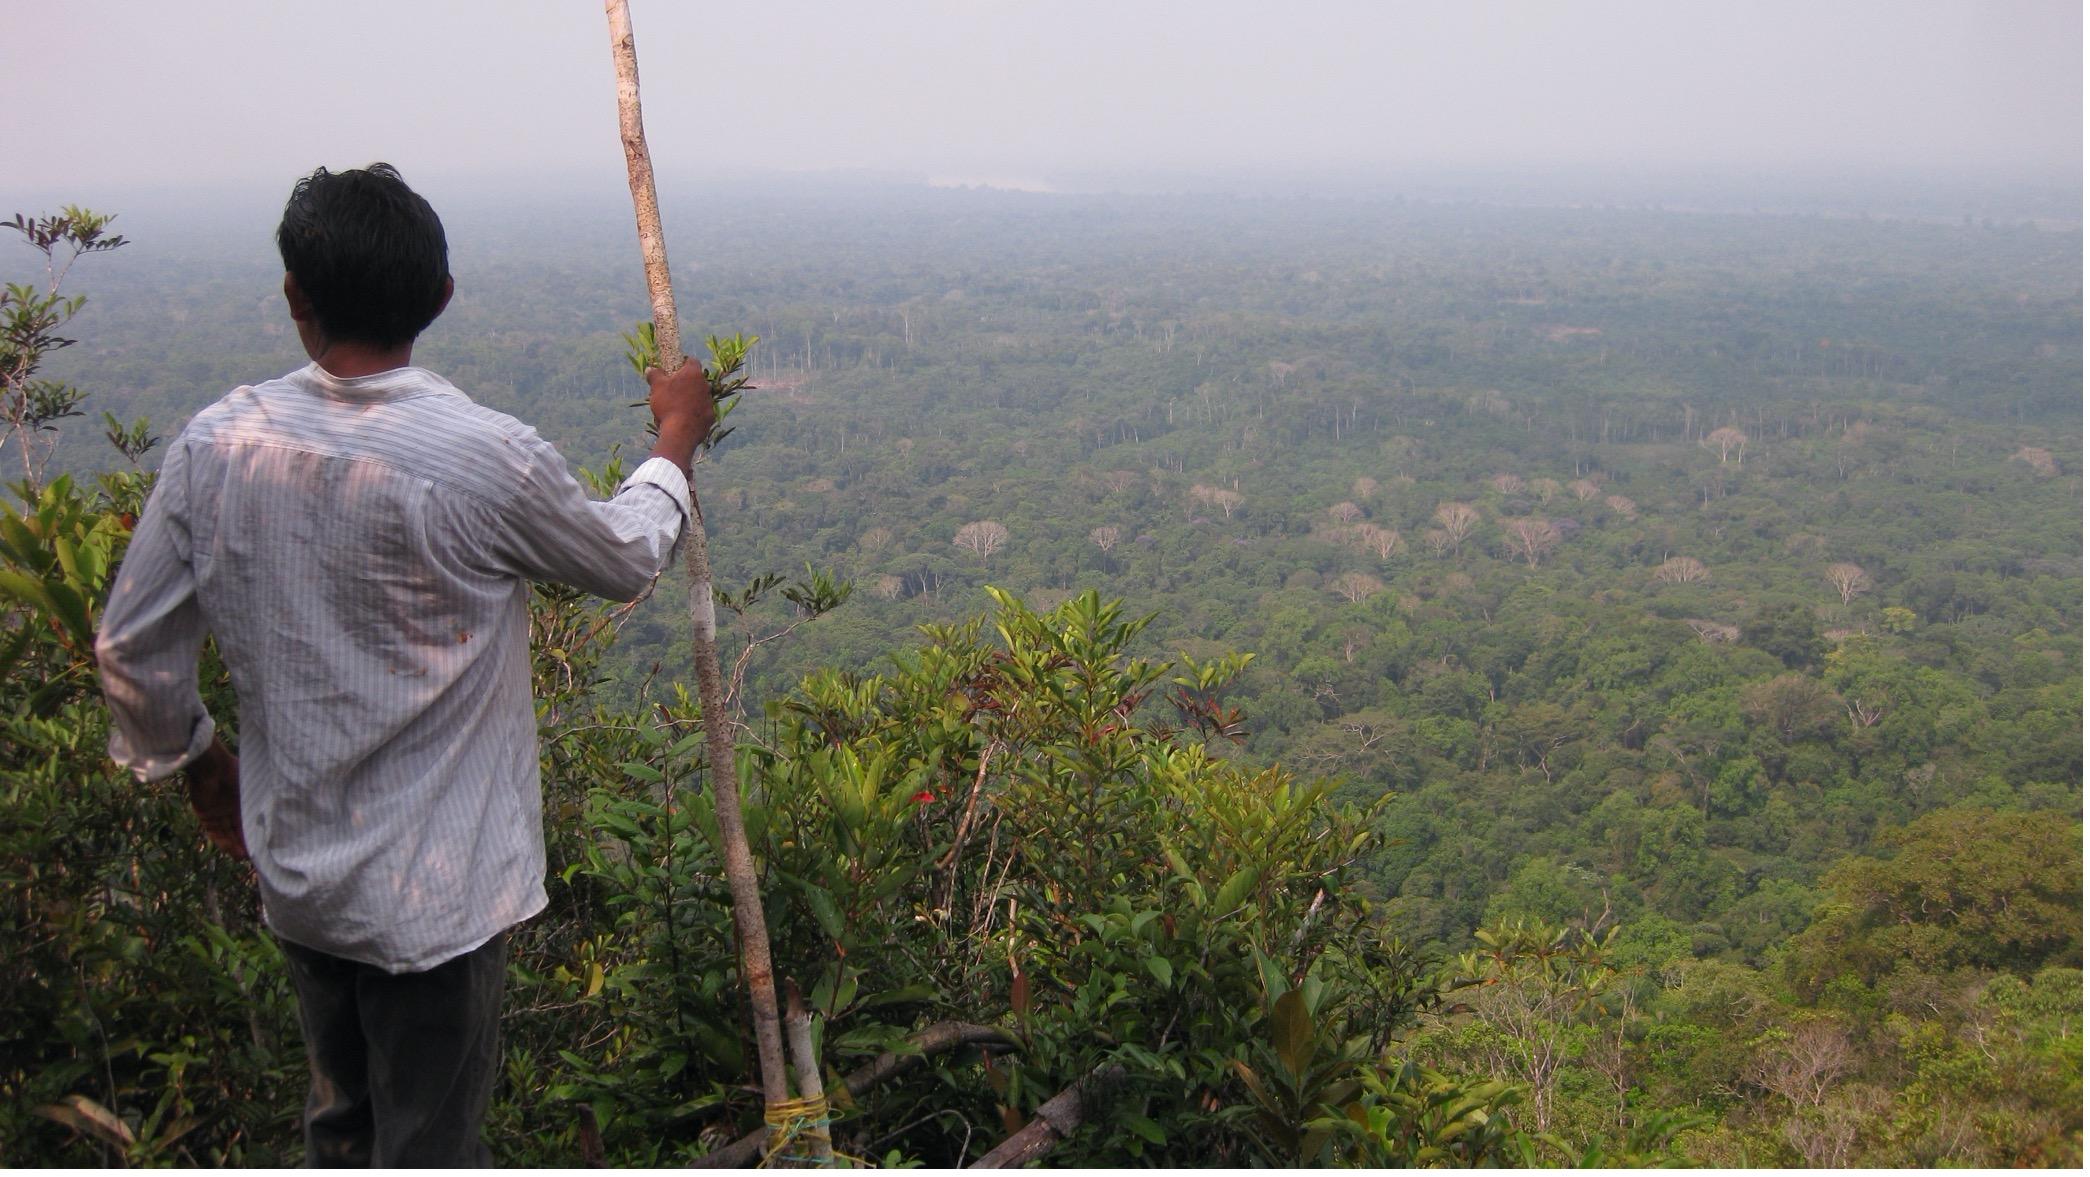 Um homem Yucuna olhando para as Terras Indígenas na floresta amazônica, onde muitas línguas estão previstas para serem extintas até o final do século 21. Foto: Rodrigo Cámara-Leret